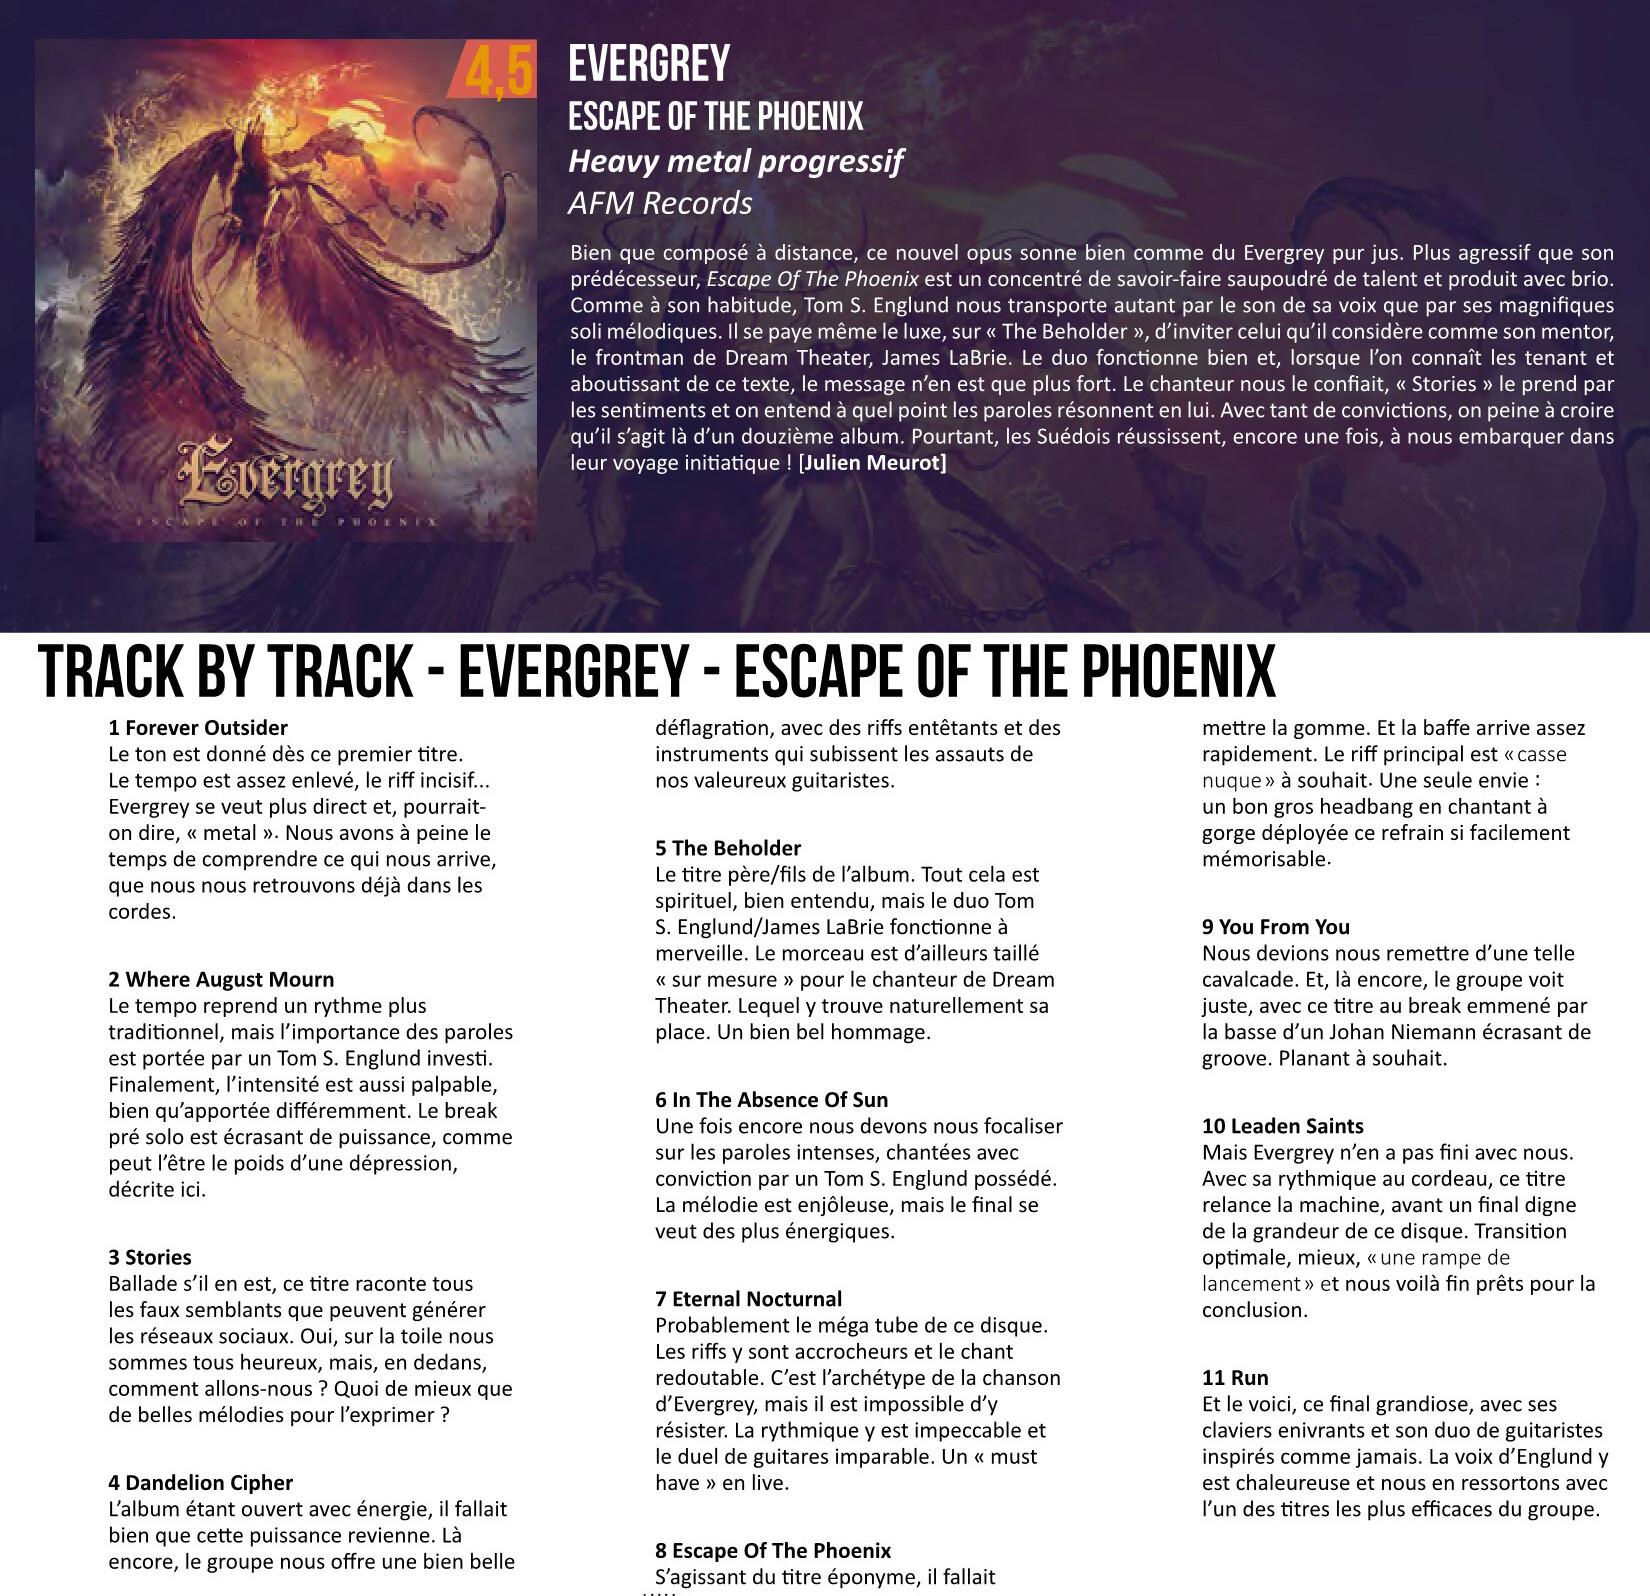 """Evergrey  (Progressive Metal) """"Escape Of The Phoenix"""" le 26 février 2021 et le single le 4 decembre 2020 Evergr11"""